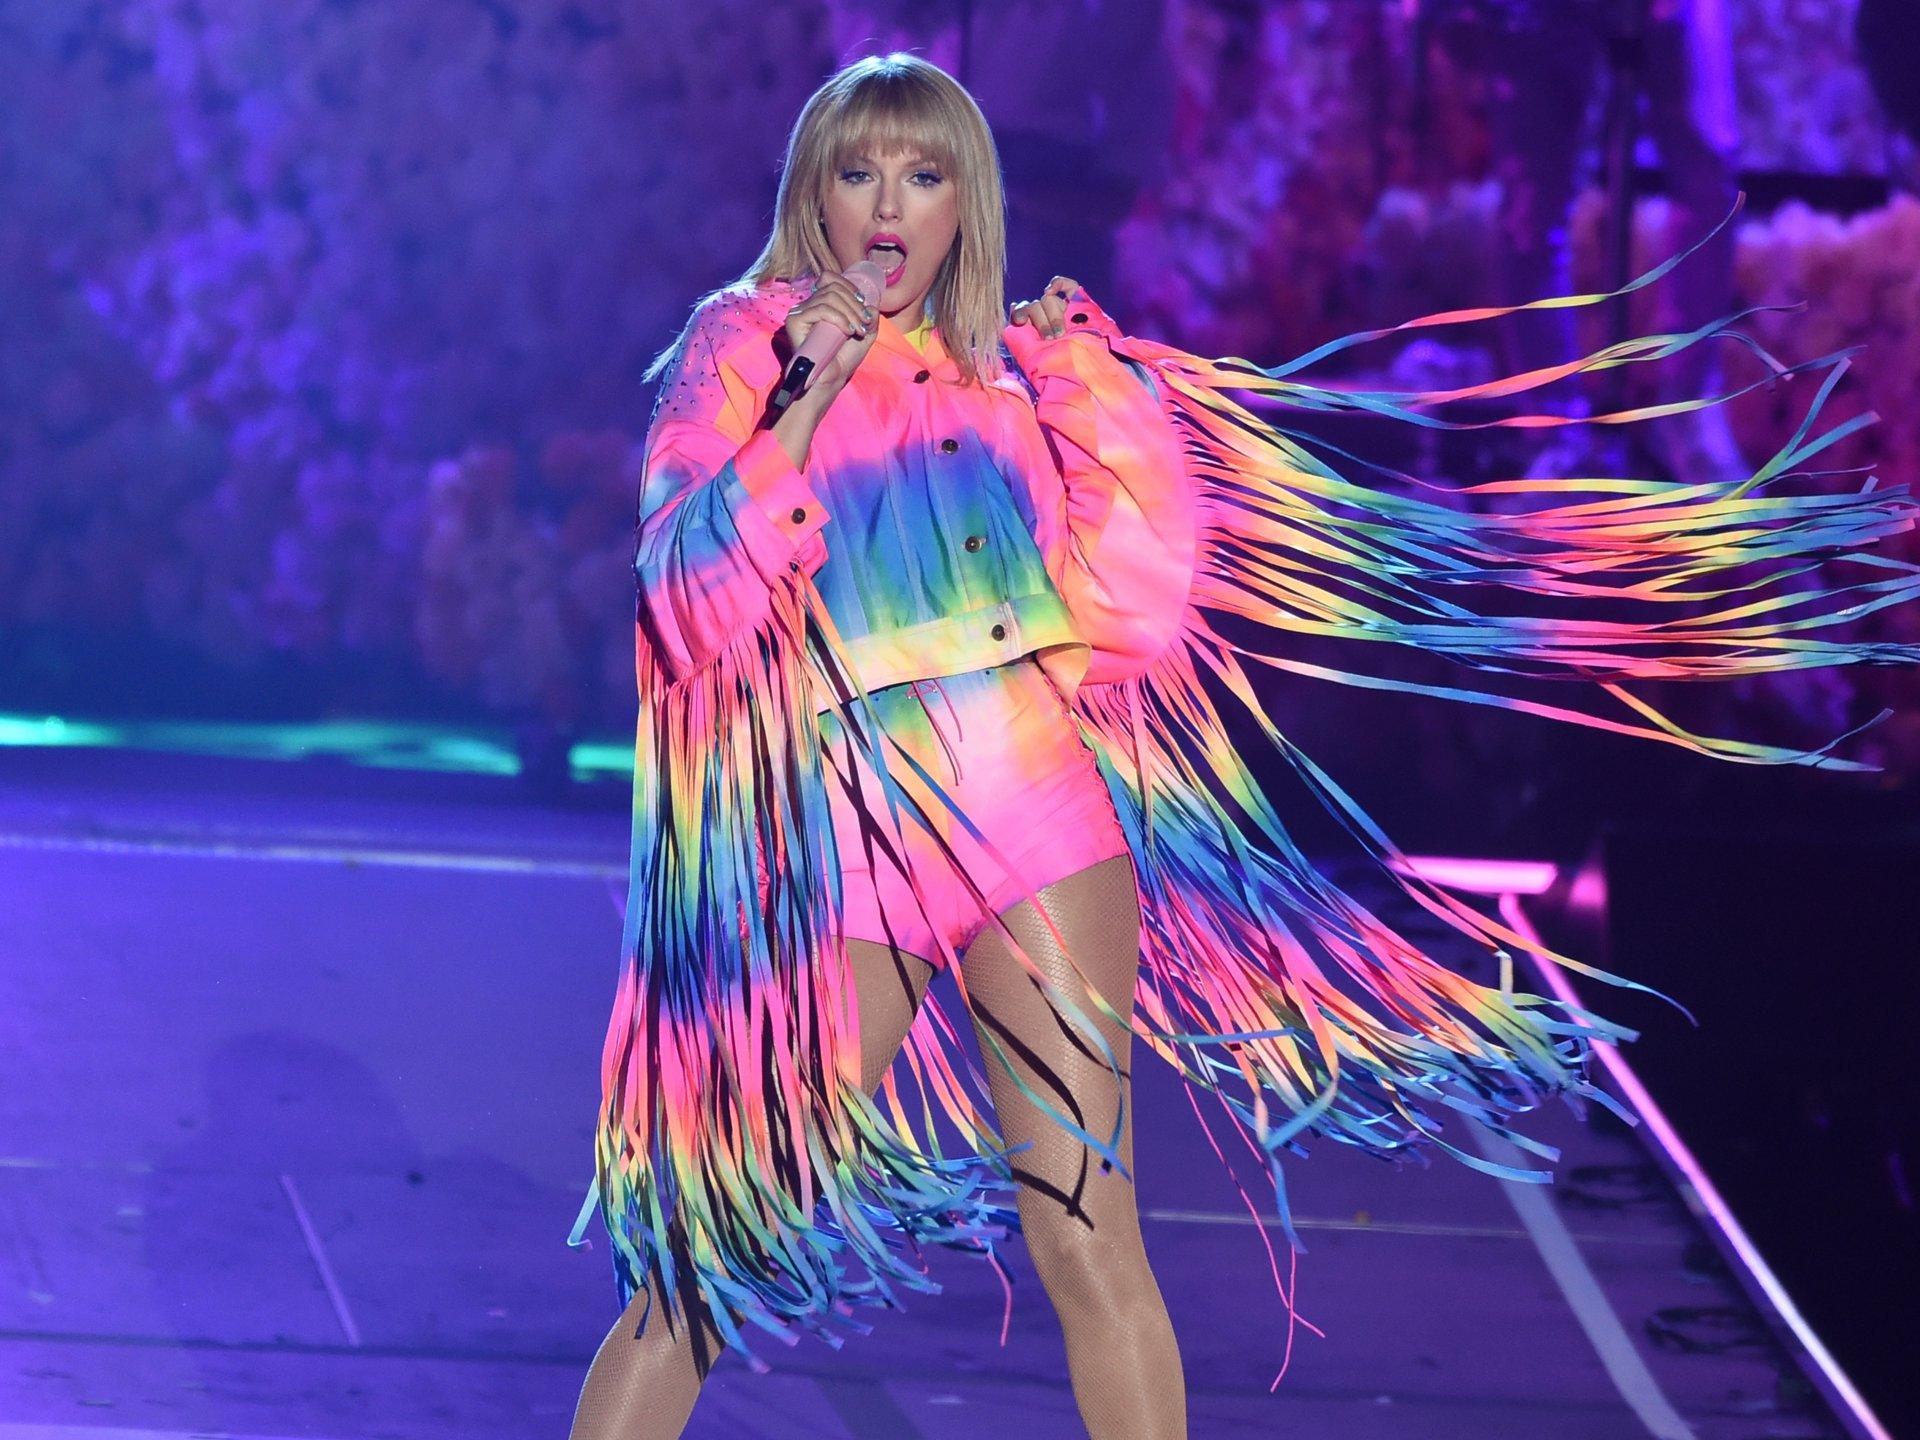 Журнал Forbes назвал самых высокооплачиваемых певиц в мире в 2019 году